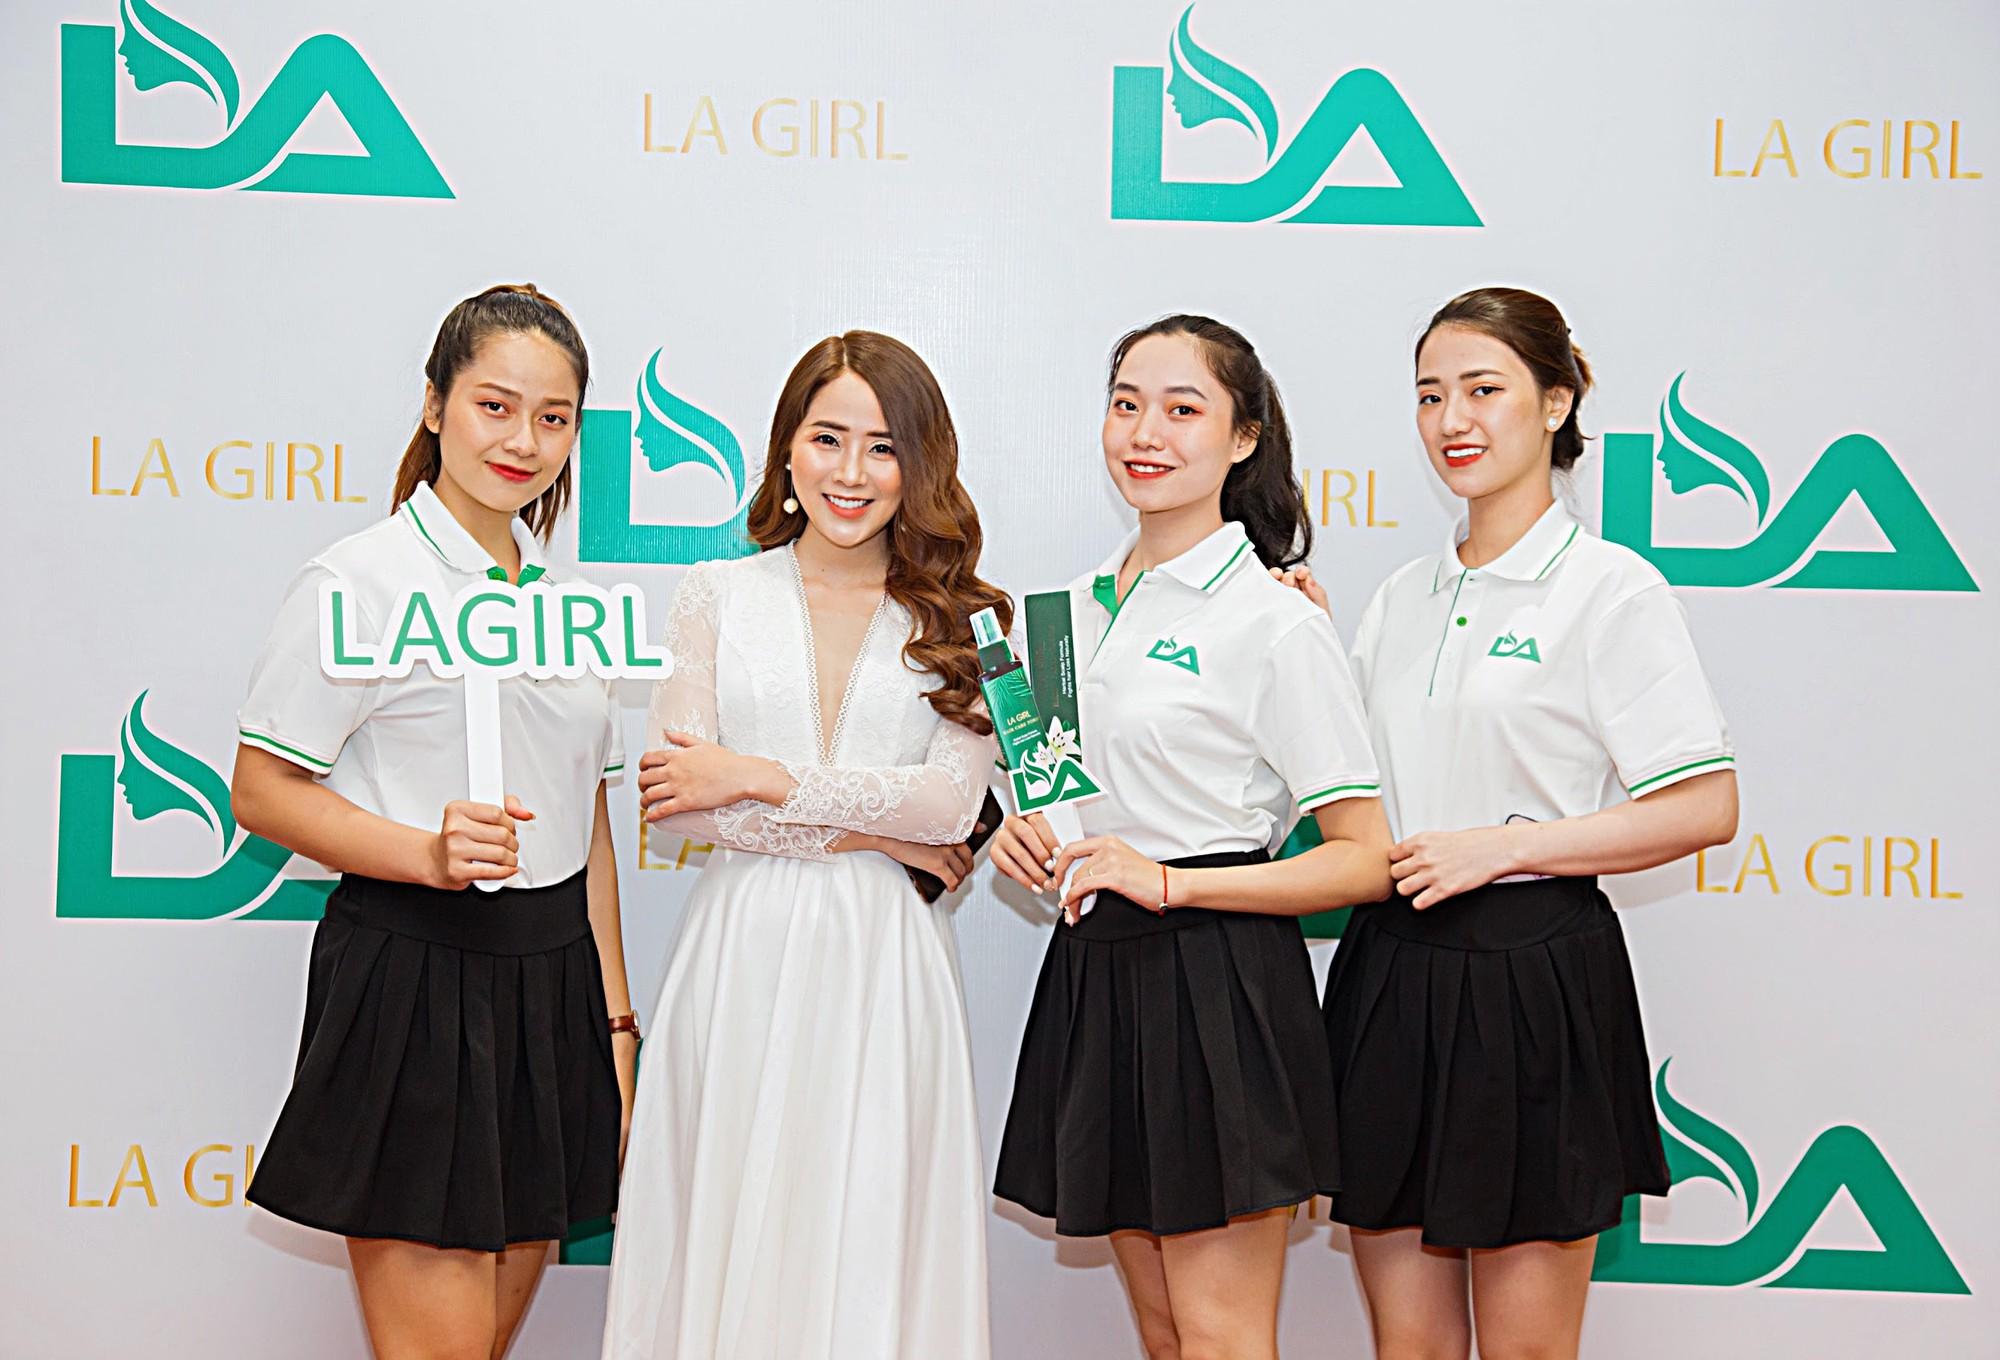 LA girl giới thiệu bộ xả gội mới hỗ trợ phục hồi tóc hư tổn ngay sau lần đầu sử dụng - Ảnh 2.